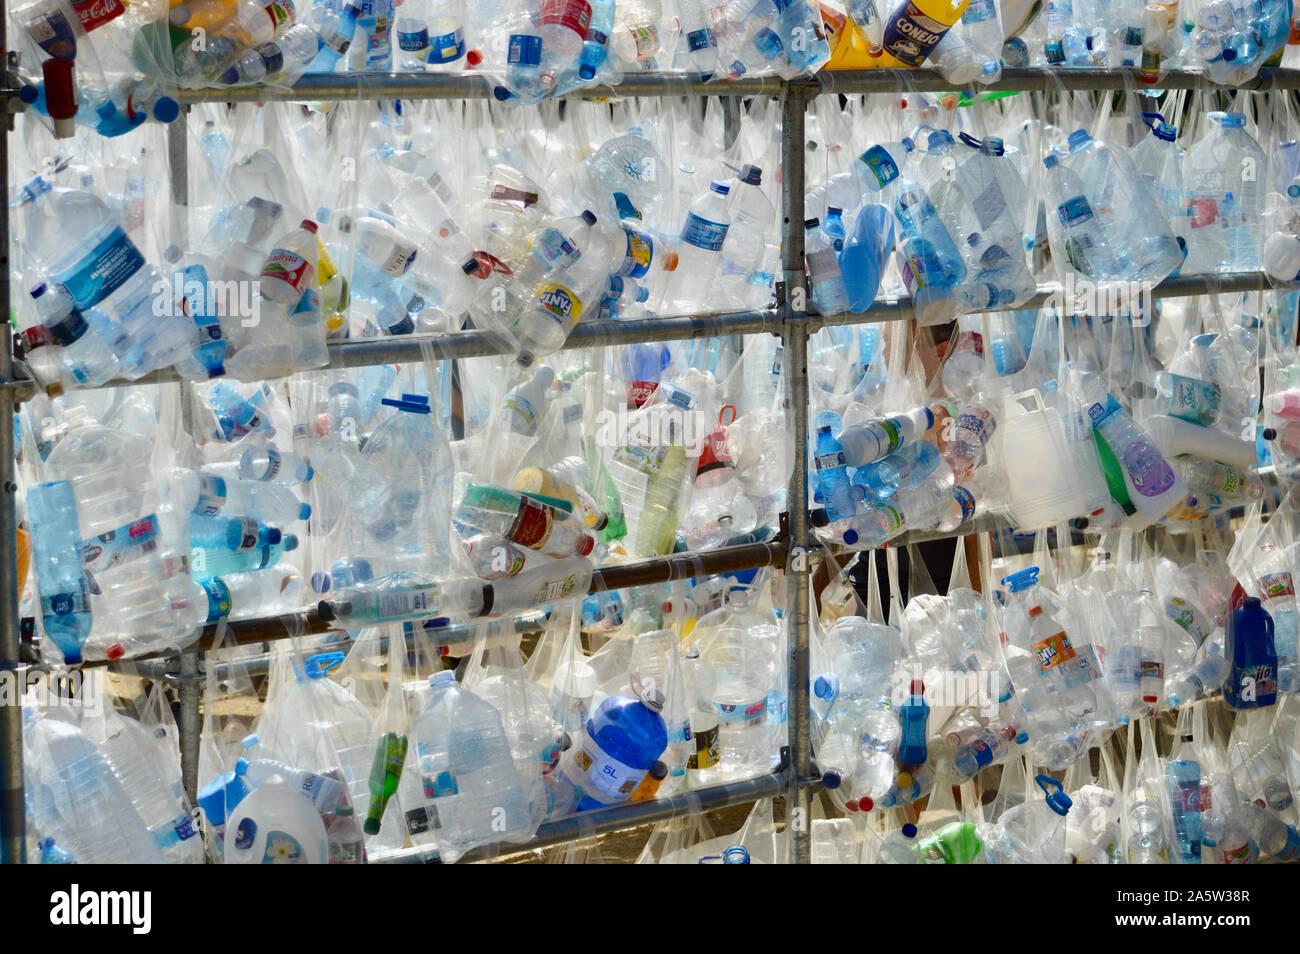 Una botella de plástico, exposición de arte en el Parque de la Ciutadella DURANTE LA MERCE 2019 en Barcelona, España Foto de stock